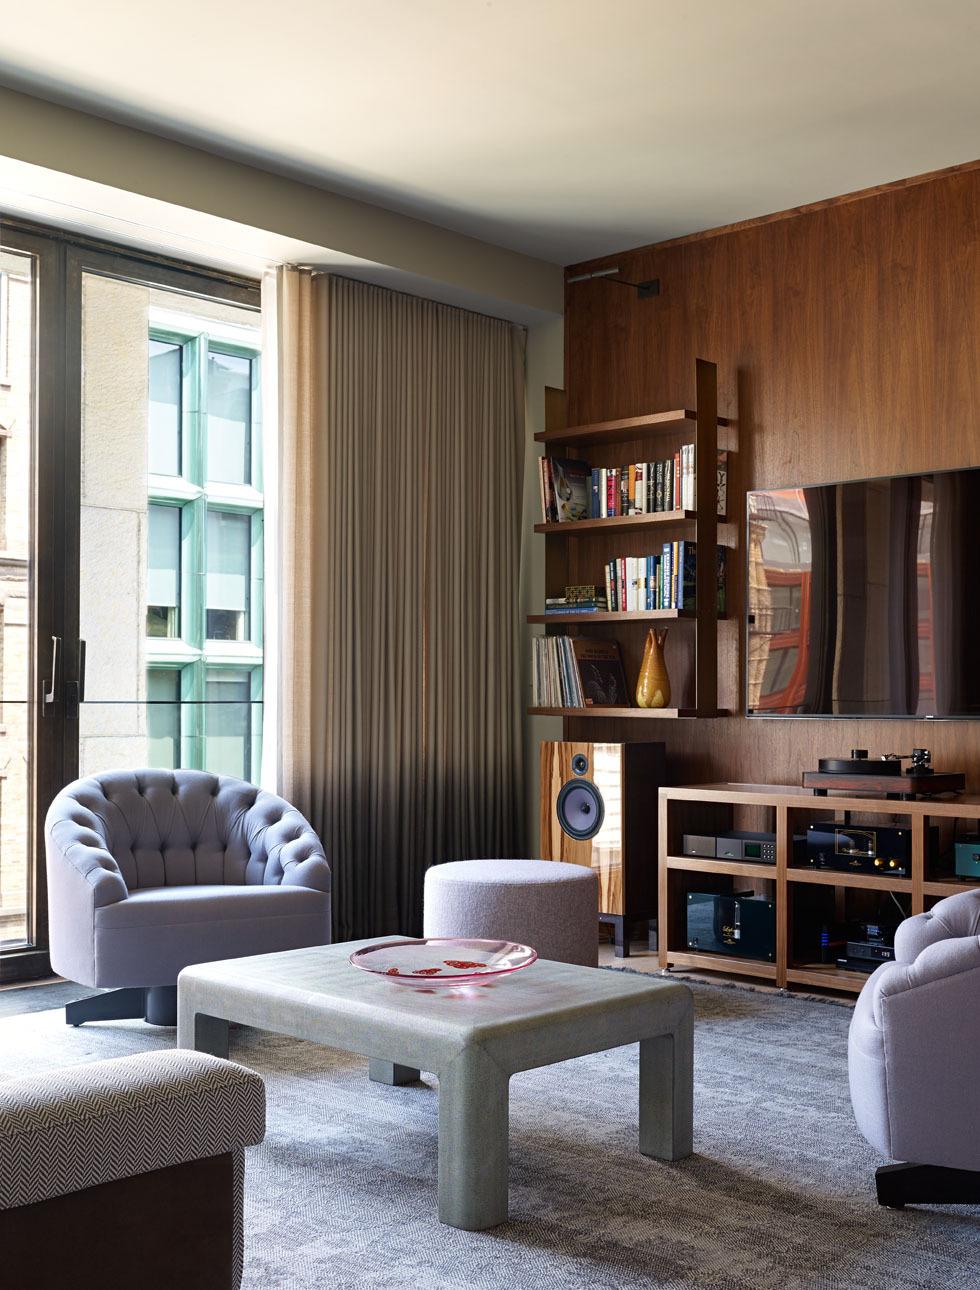 Cùng chiêm ngưỡng vẻ đẹp khó cưỡng của những căn phòng khách mang phong cách đương đại - Ảnh 19.